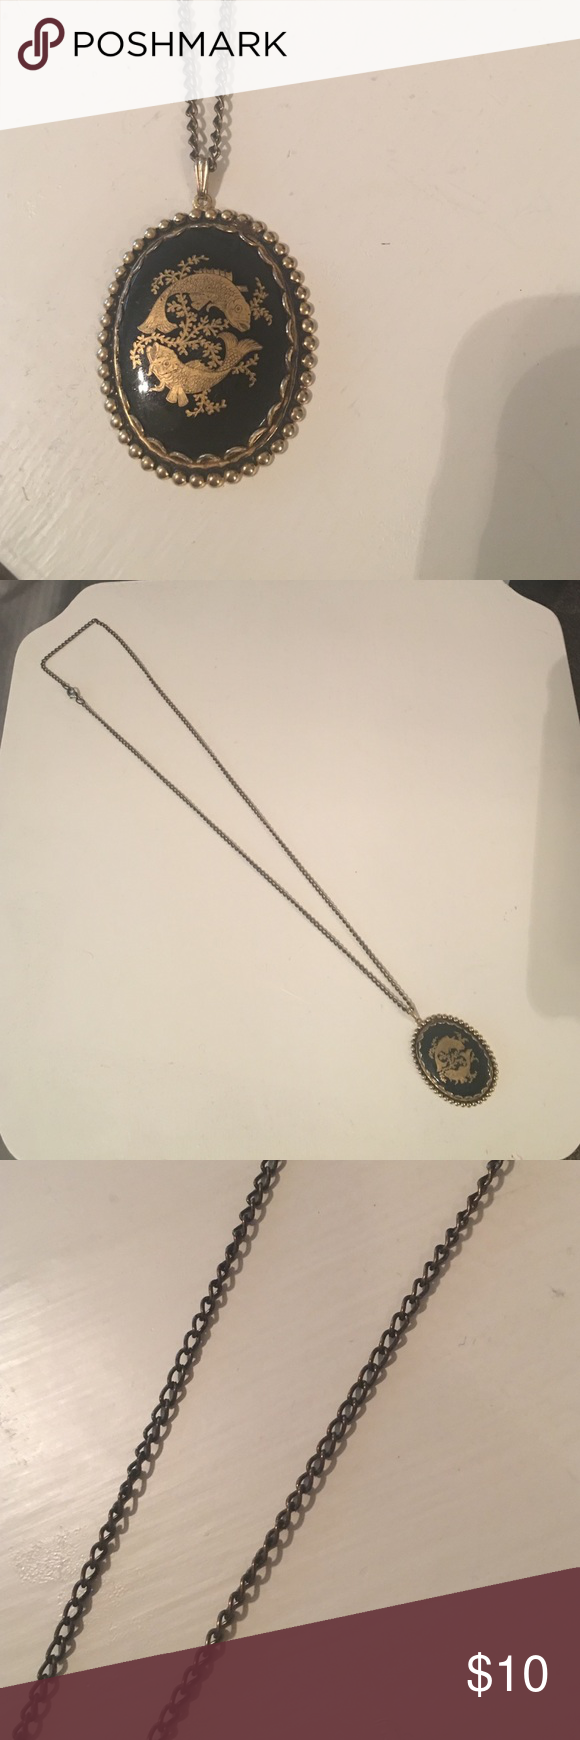 Vintage Pendant Necklace Antiqued gold, vintage necklace. Vintage Jewelry Necklaces